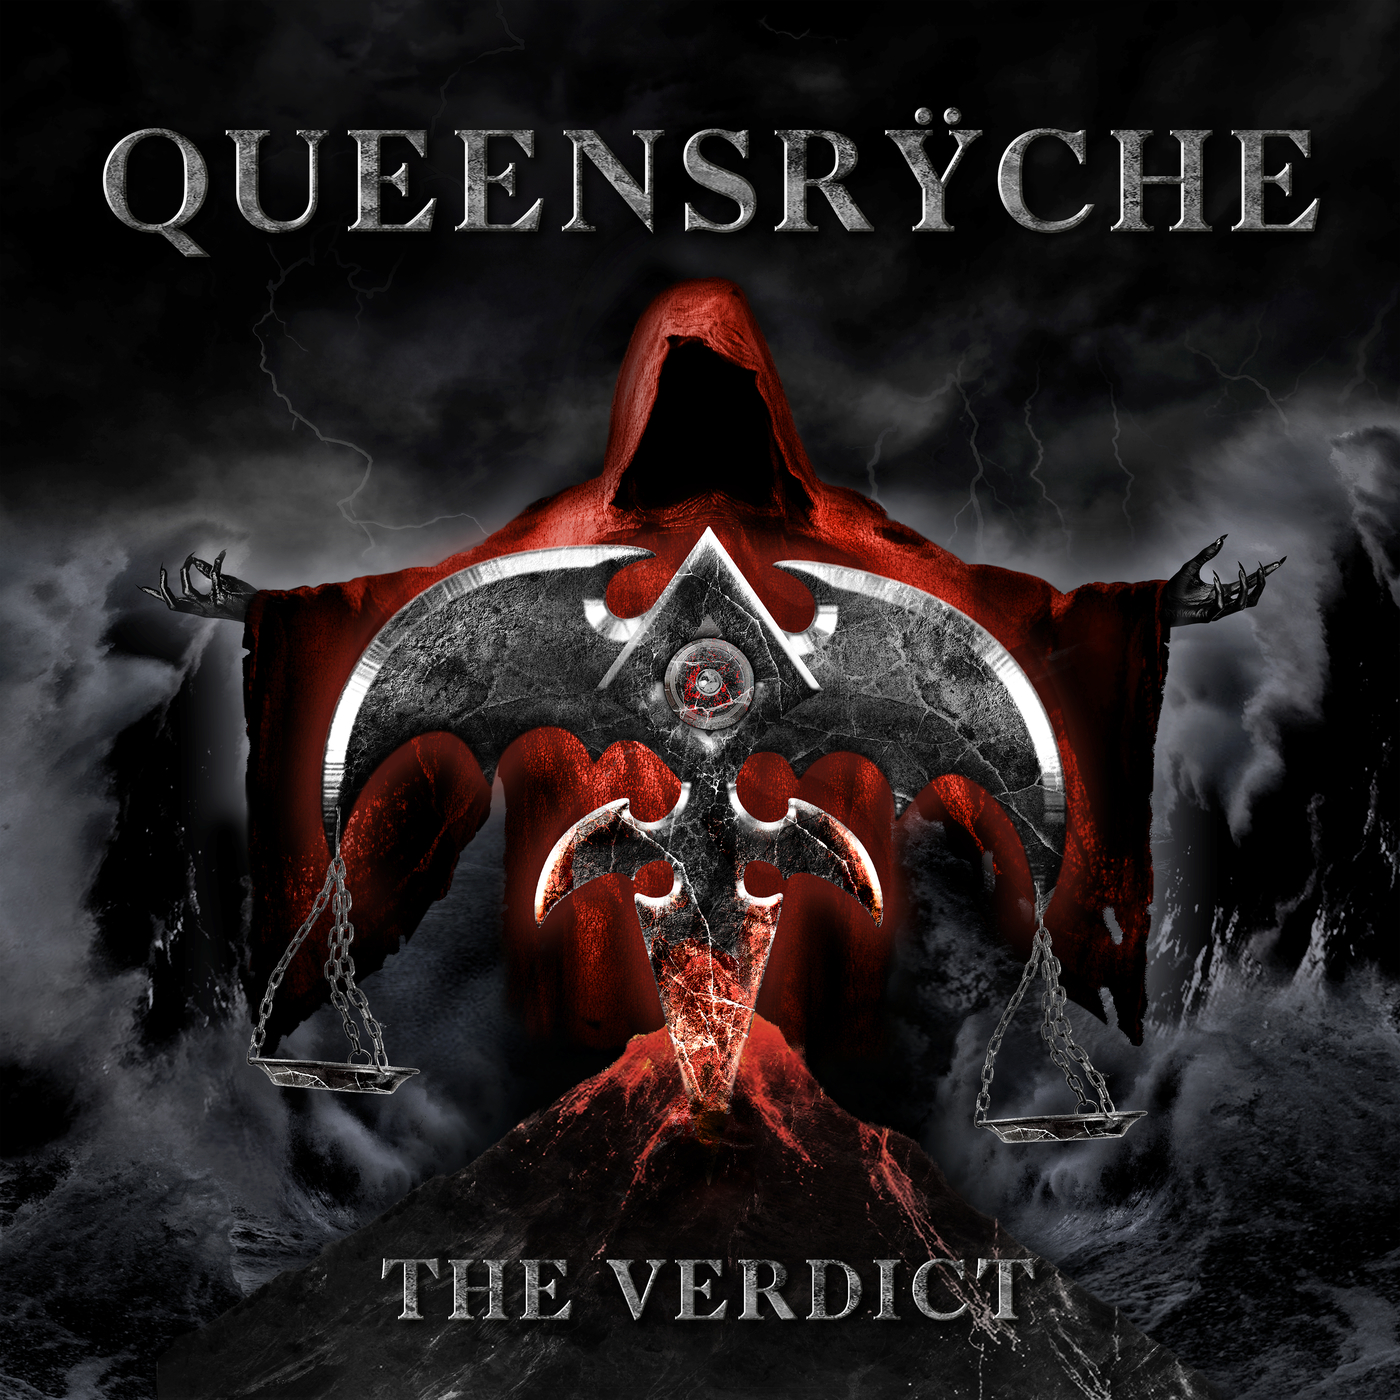 The Verdict - Queensrÿche